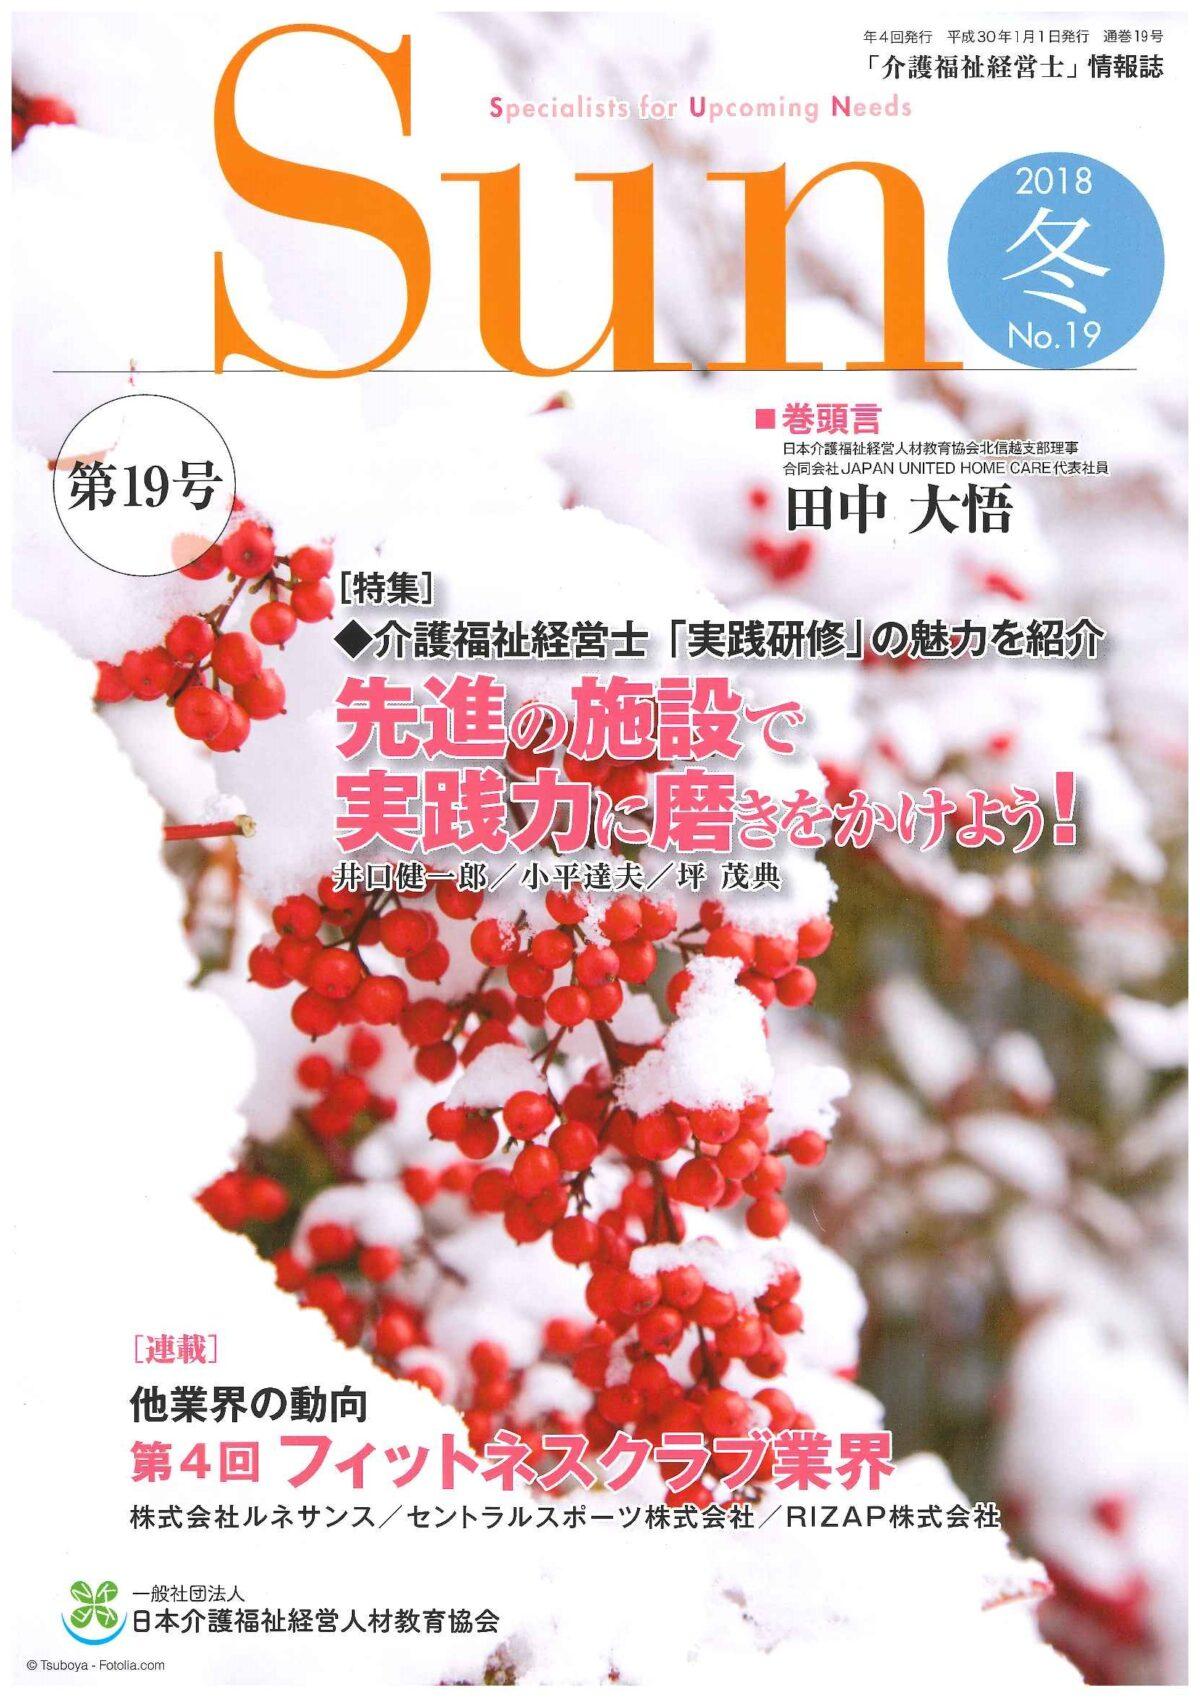 「介護福祉経営士」情報誌 Sun(19号)